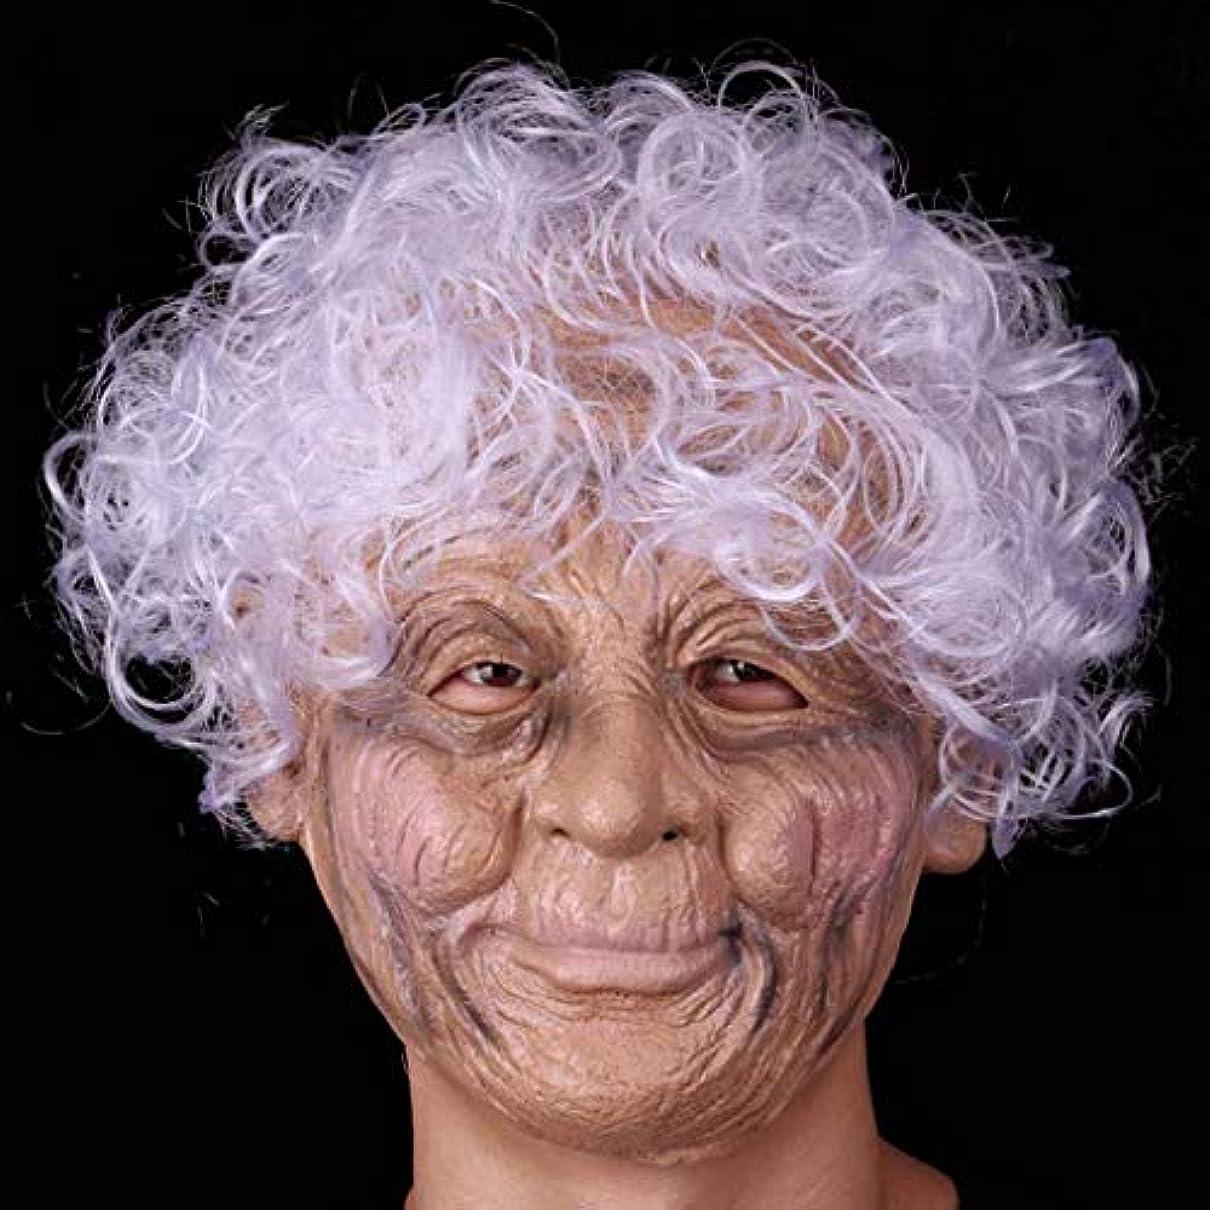 相反する出会いうんざりハロウィンラテックスフルフェイスマスクしわ魔女マスクおばあちゃんと白髪衣装プロップパーティーコスプレ